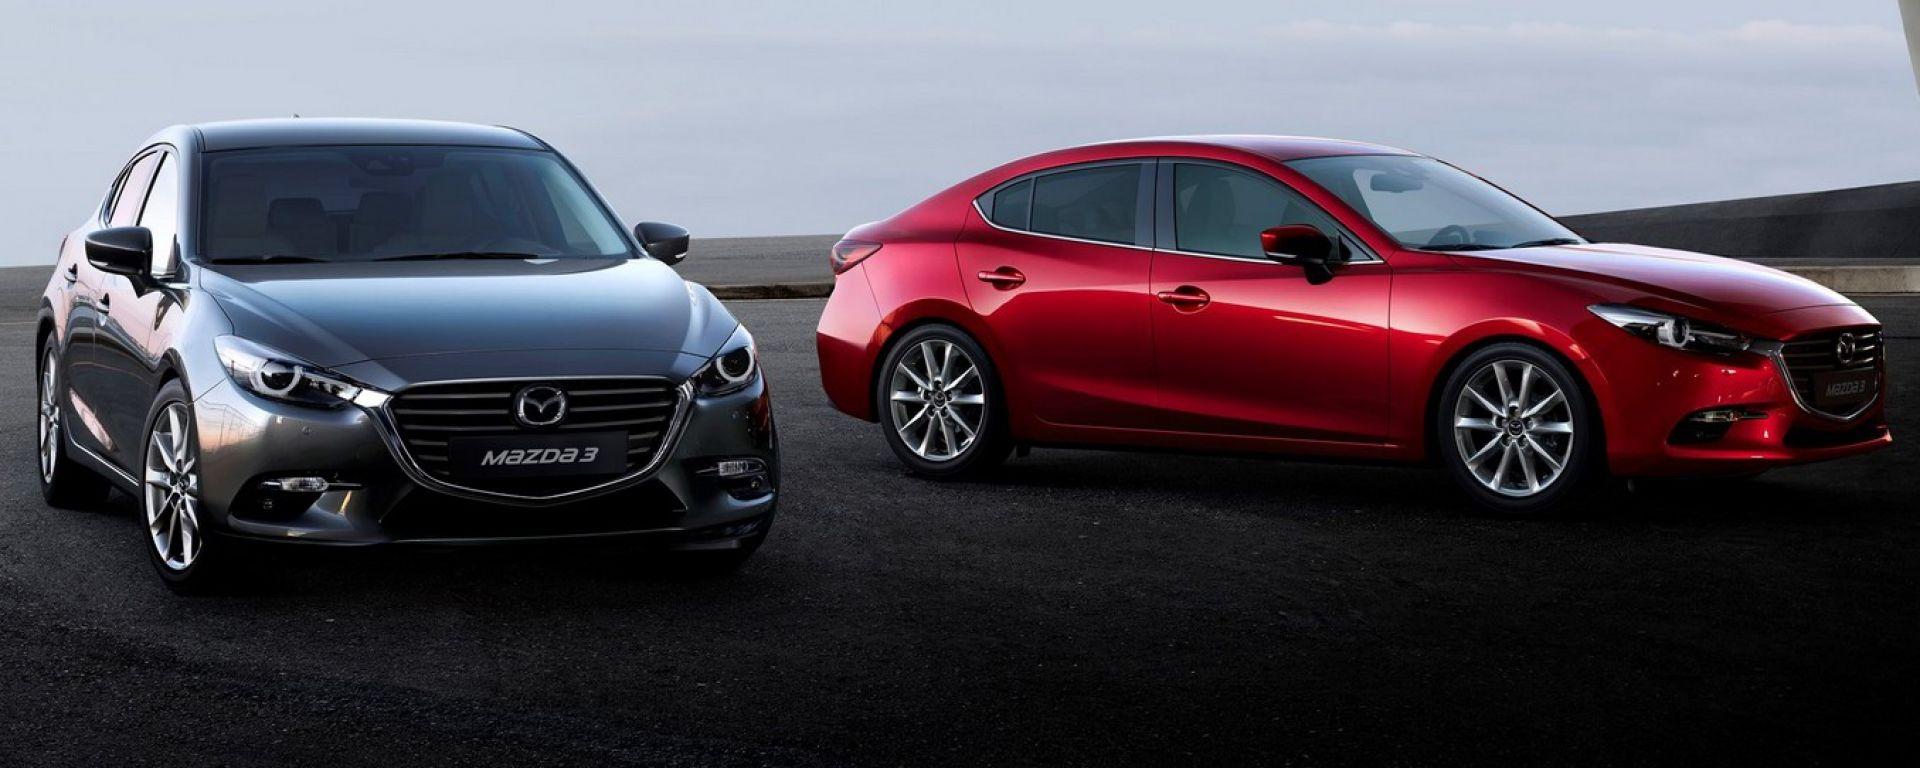 Mazda 3 2017: svelate le novità del restyling